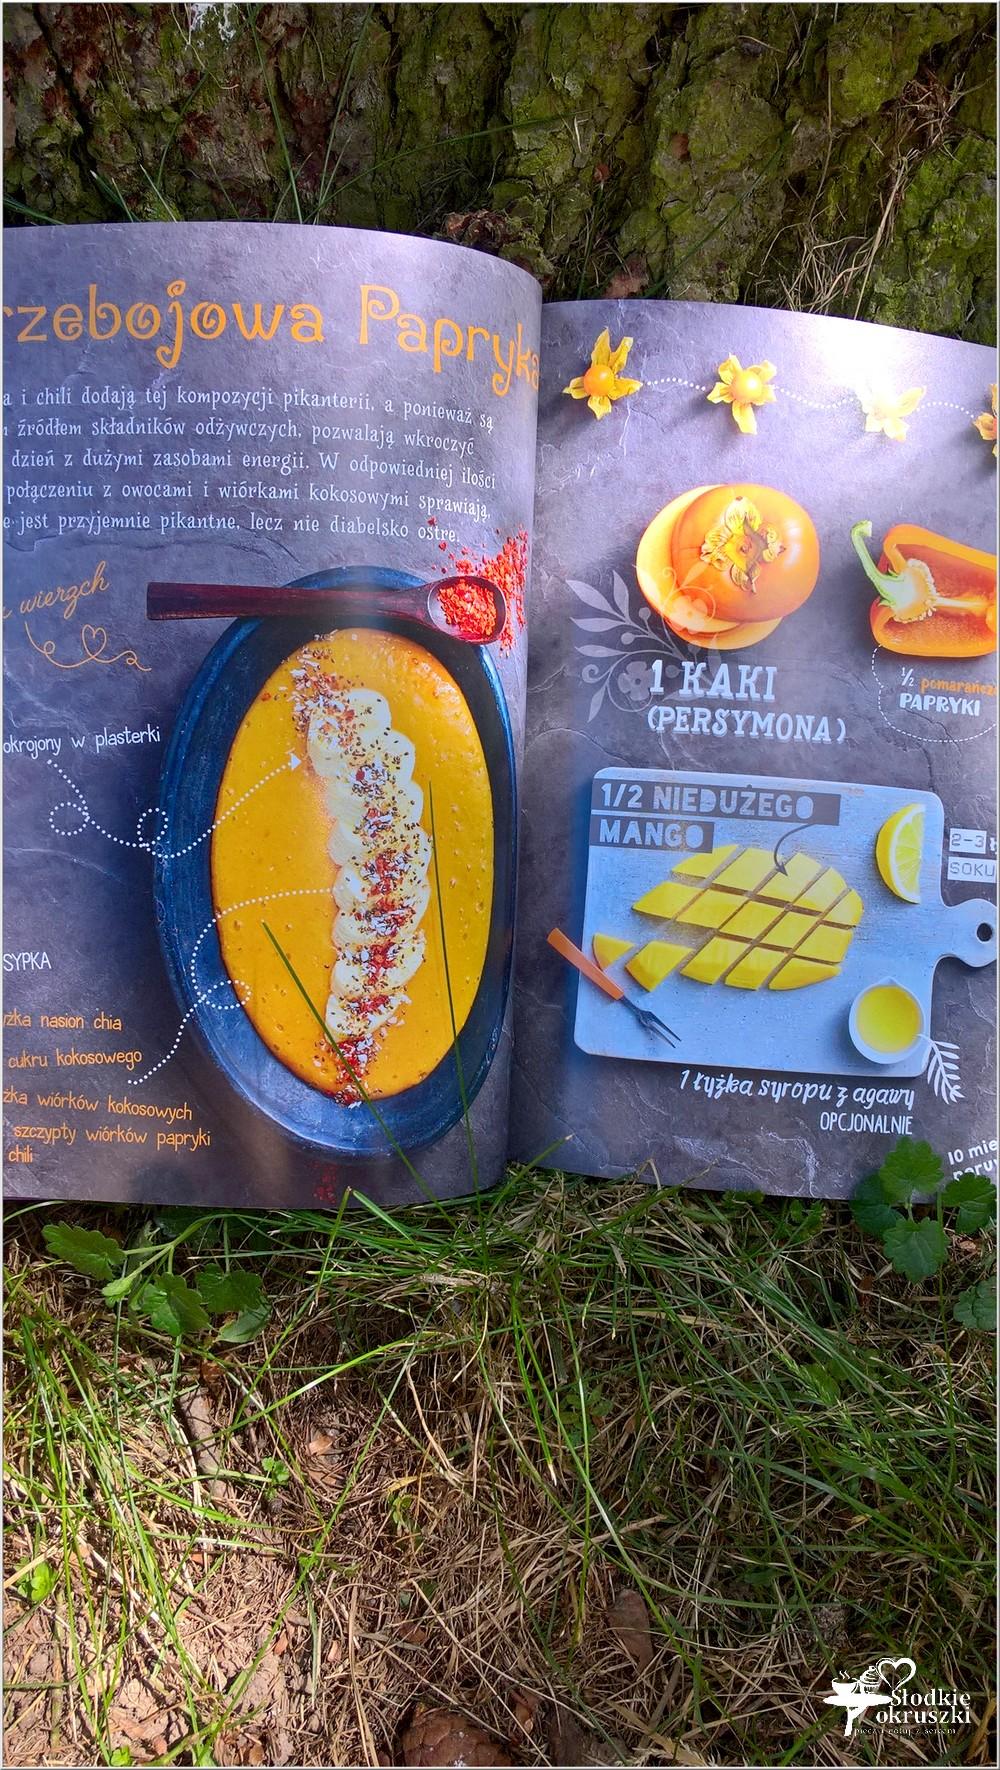 Siła smoothies - recenzja + przepis na Księżniczkę Arbuzję (4)